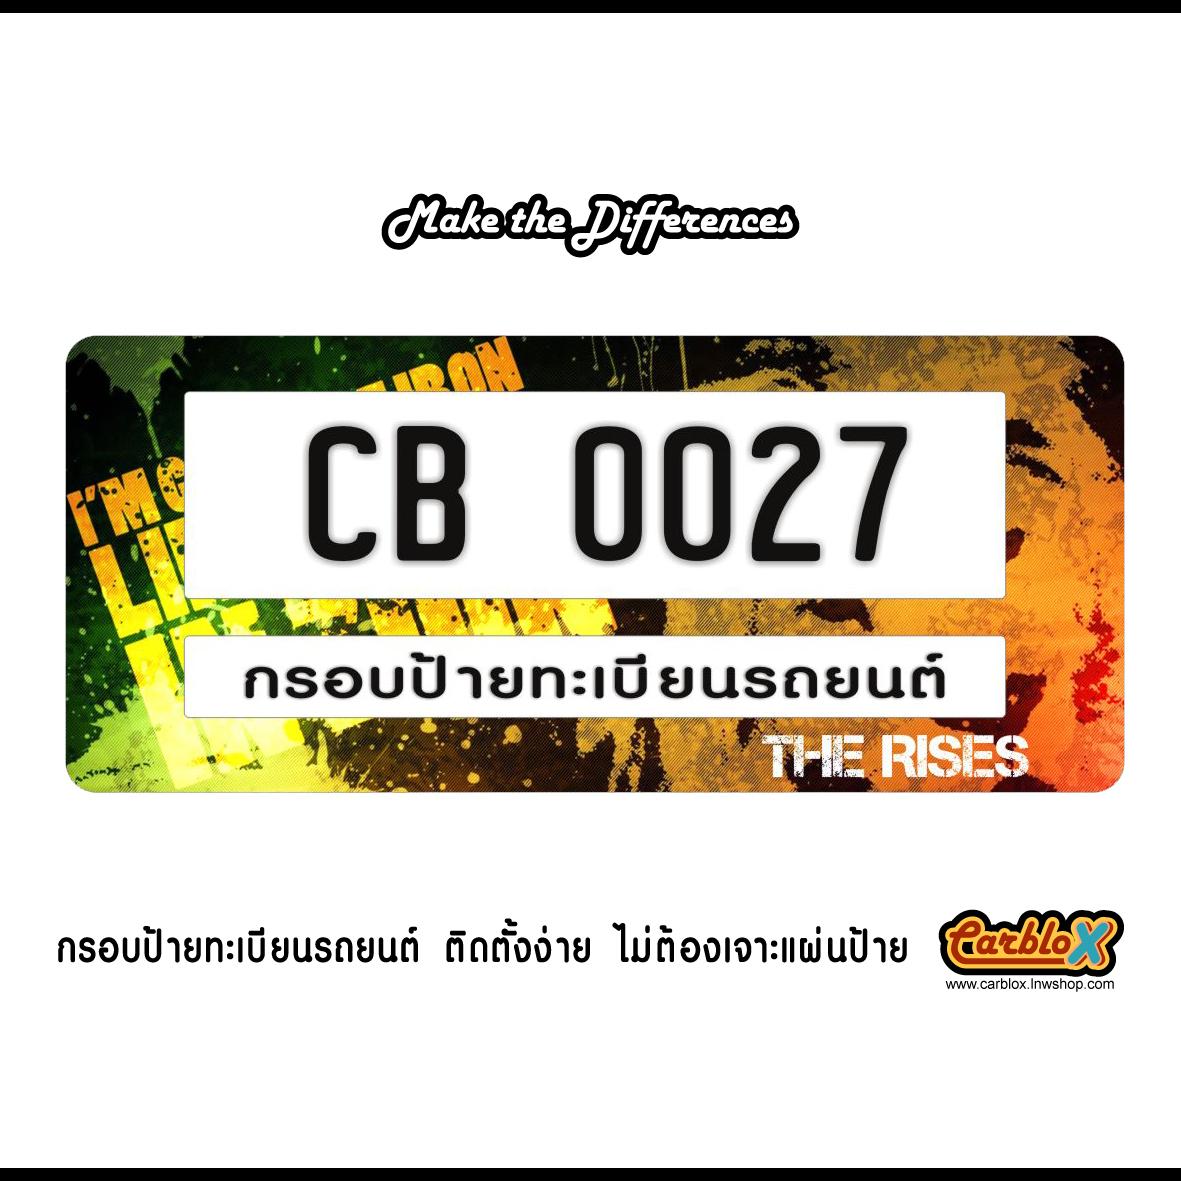 กรอบป้ายทะเบียนรถยนต์ CARBLOX ระหัส CB 0027 ลายลายแนวๆฮิ๊ป